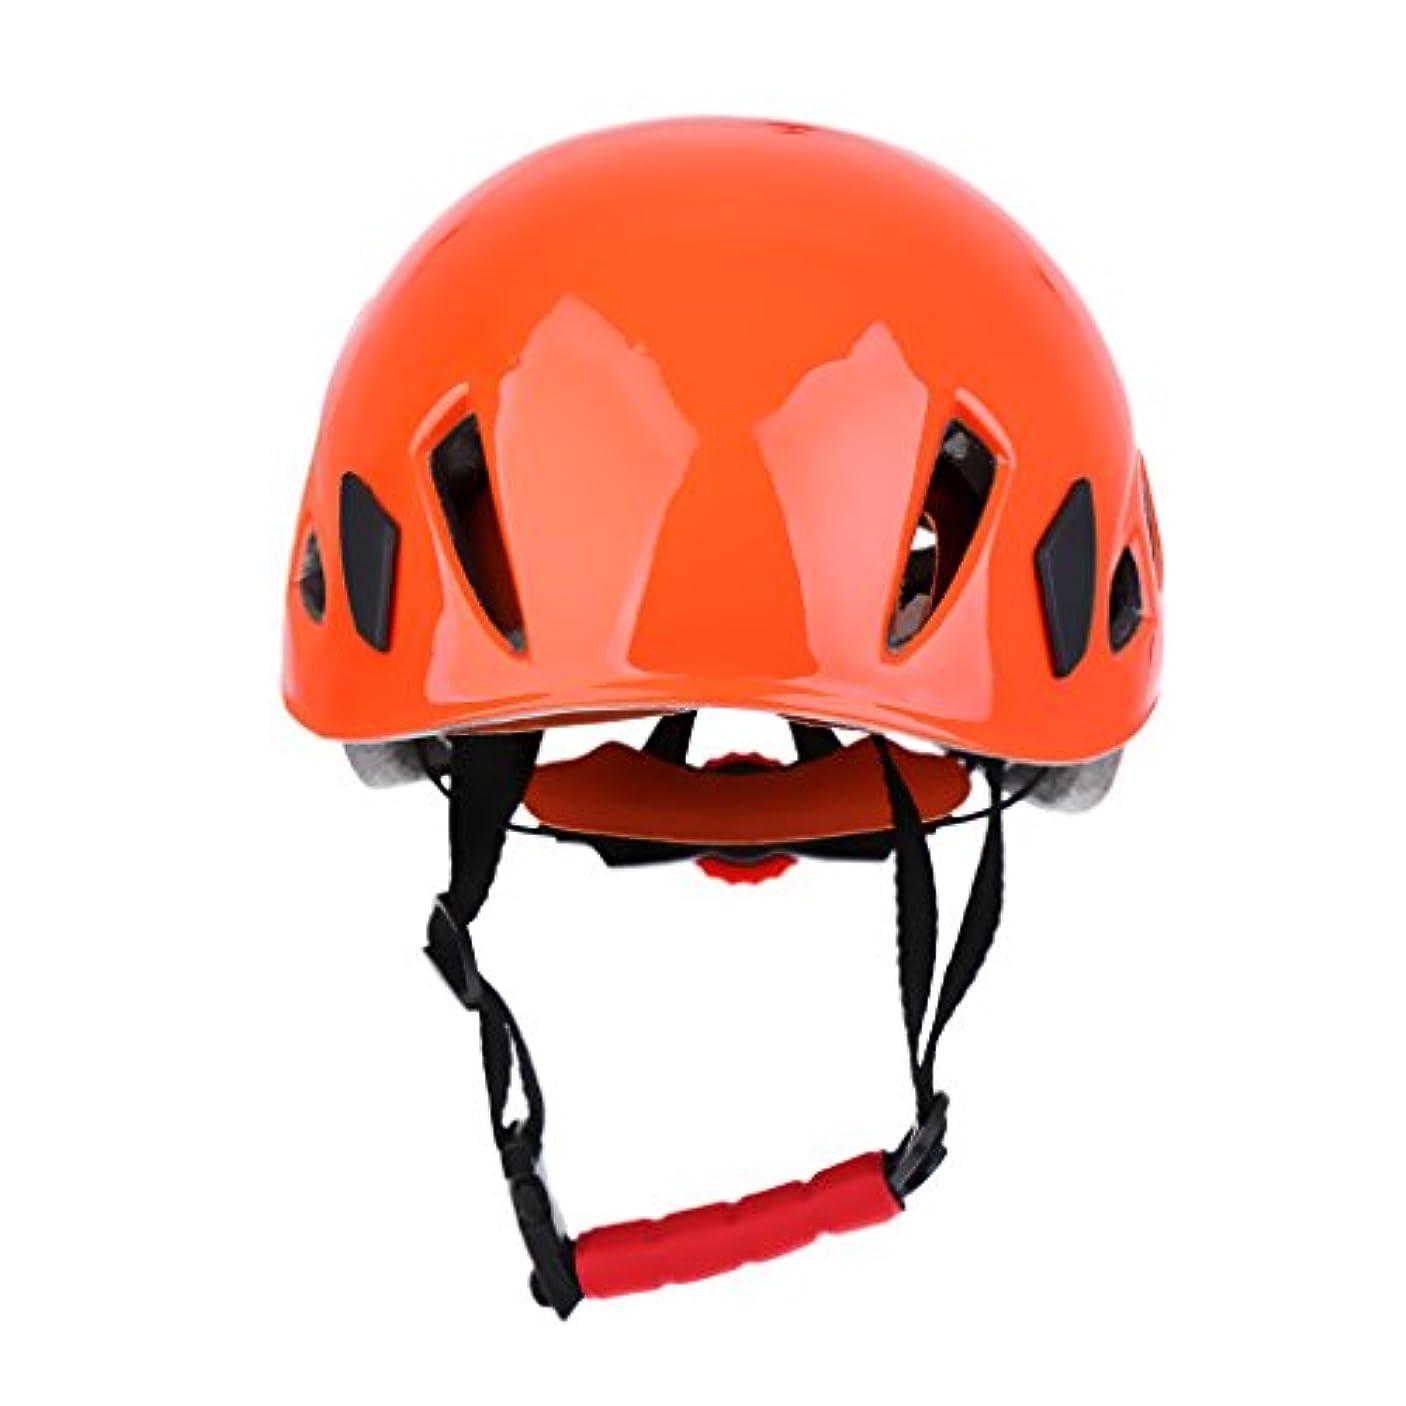 バーストサイドボードデコレーションBaosity 全4色 保護ヘルメット ヘッドプロテクター 屋外 空中作業 安全ギア 通気性 クライミング